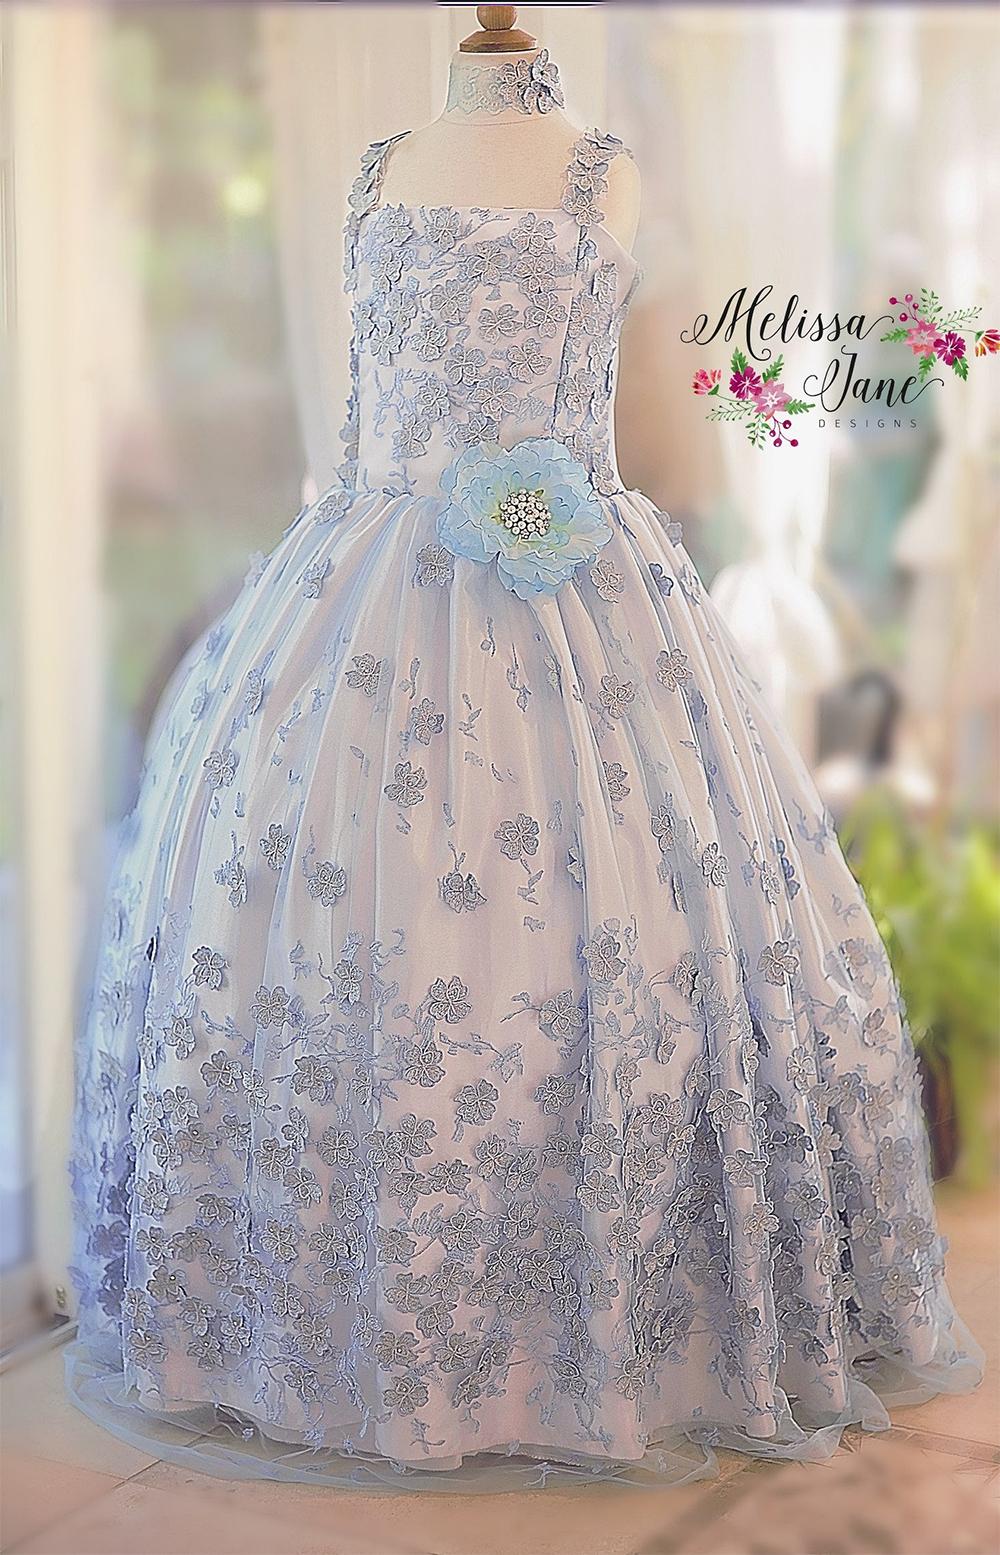 素晴らしい花のドレスとリムーバブルケープ「Exquisite One of a Kind Floral Girls Dress and removable Cape」4歳から14歳